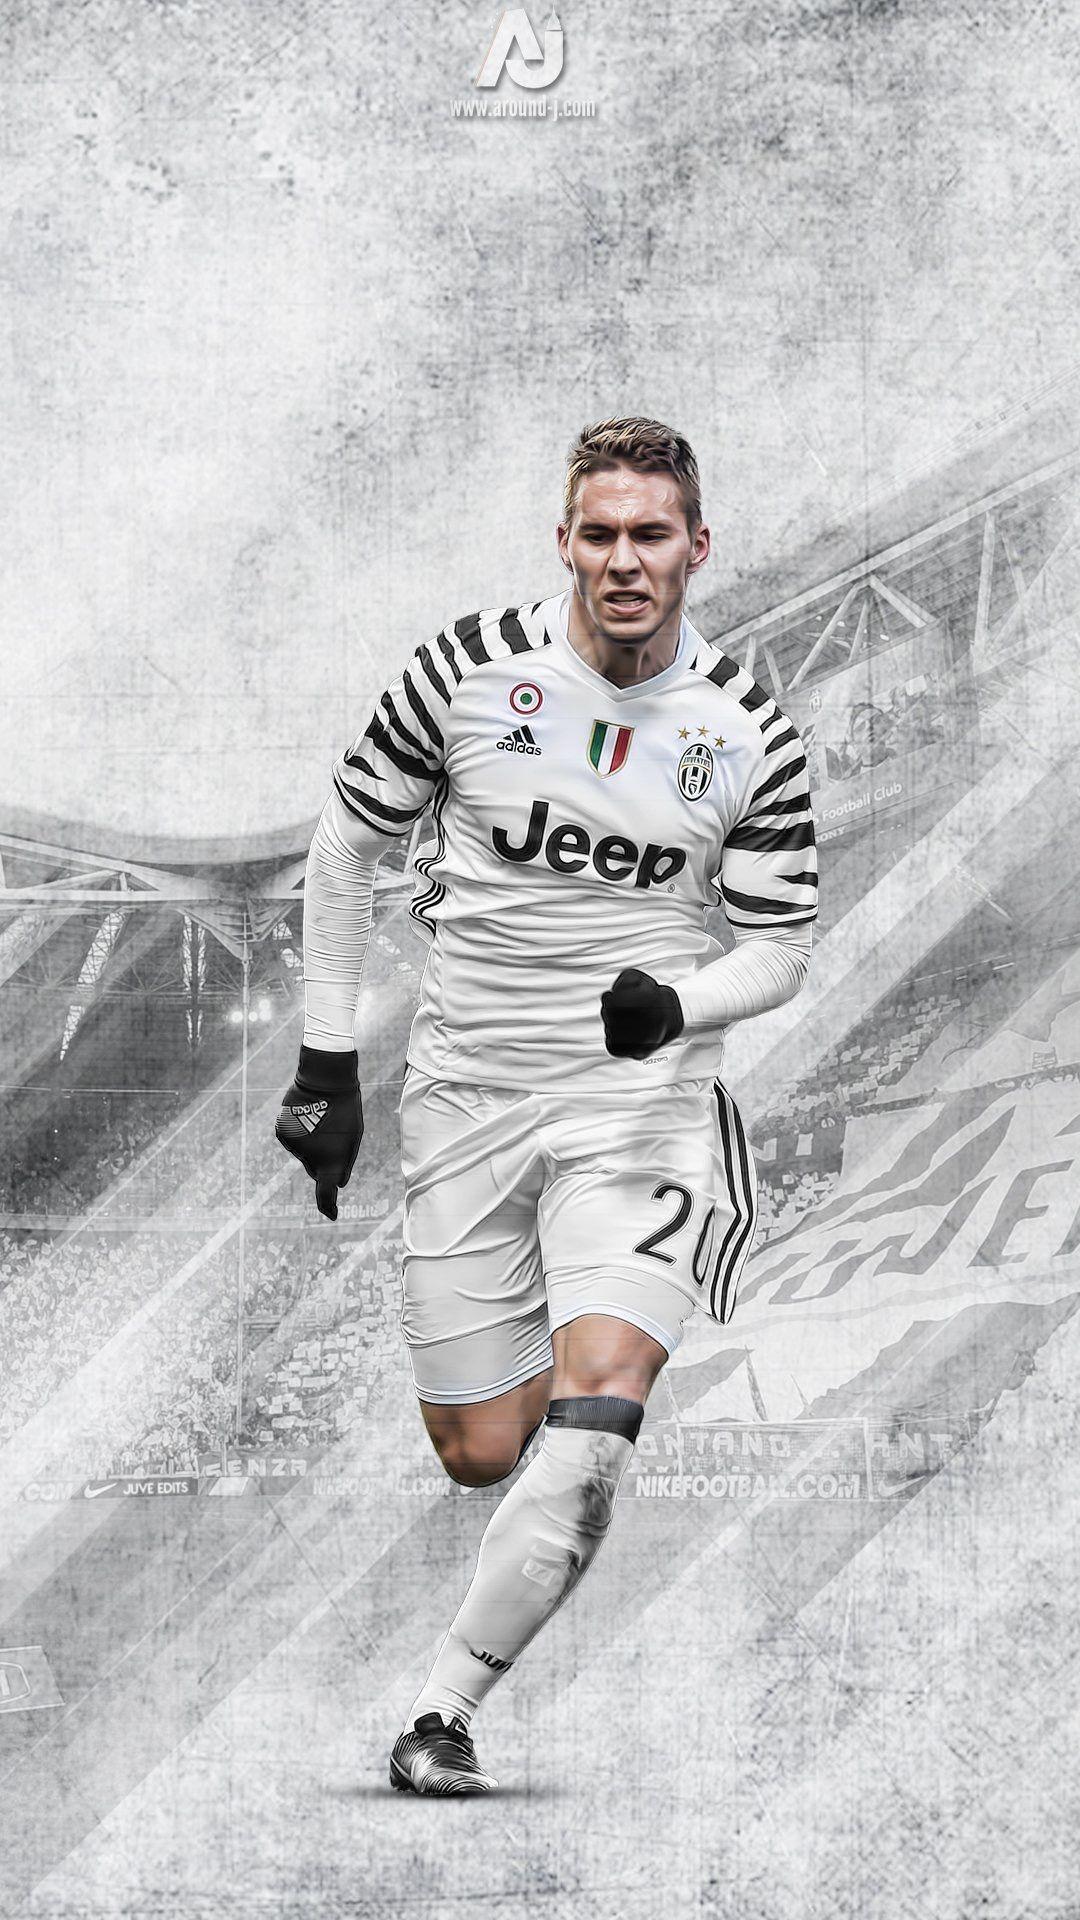 Futbol Europeo, Fondos Para Iphone, Camisetas De Fútbol, Jugadores De  Fútbol, Patrocinio Deportivo, Juventus Fc, Gráficos Deportivos